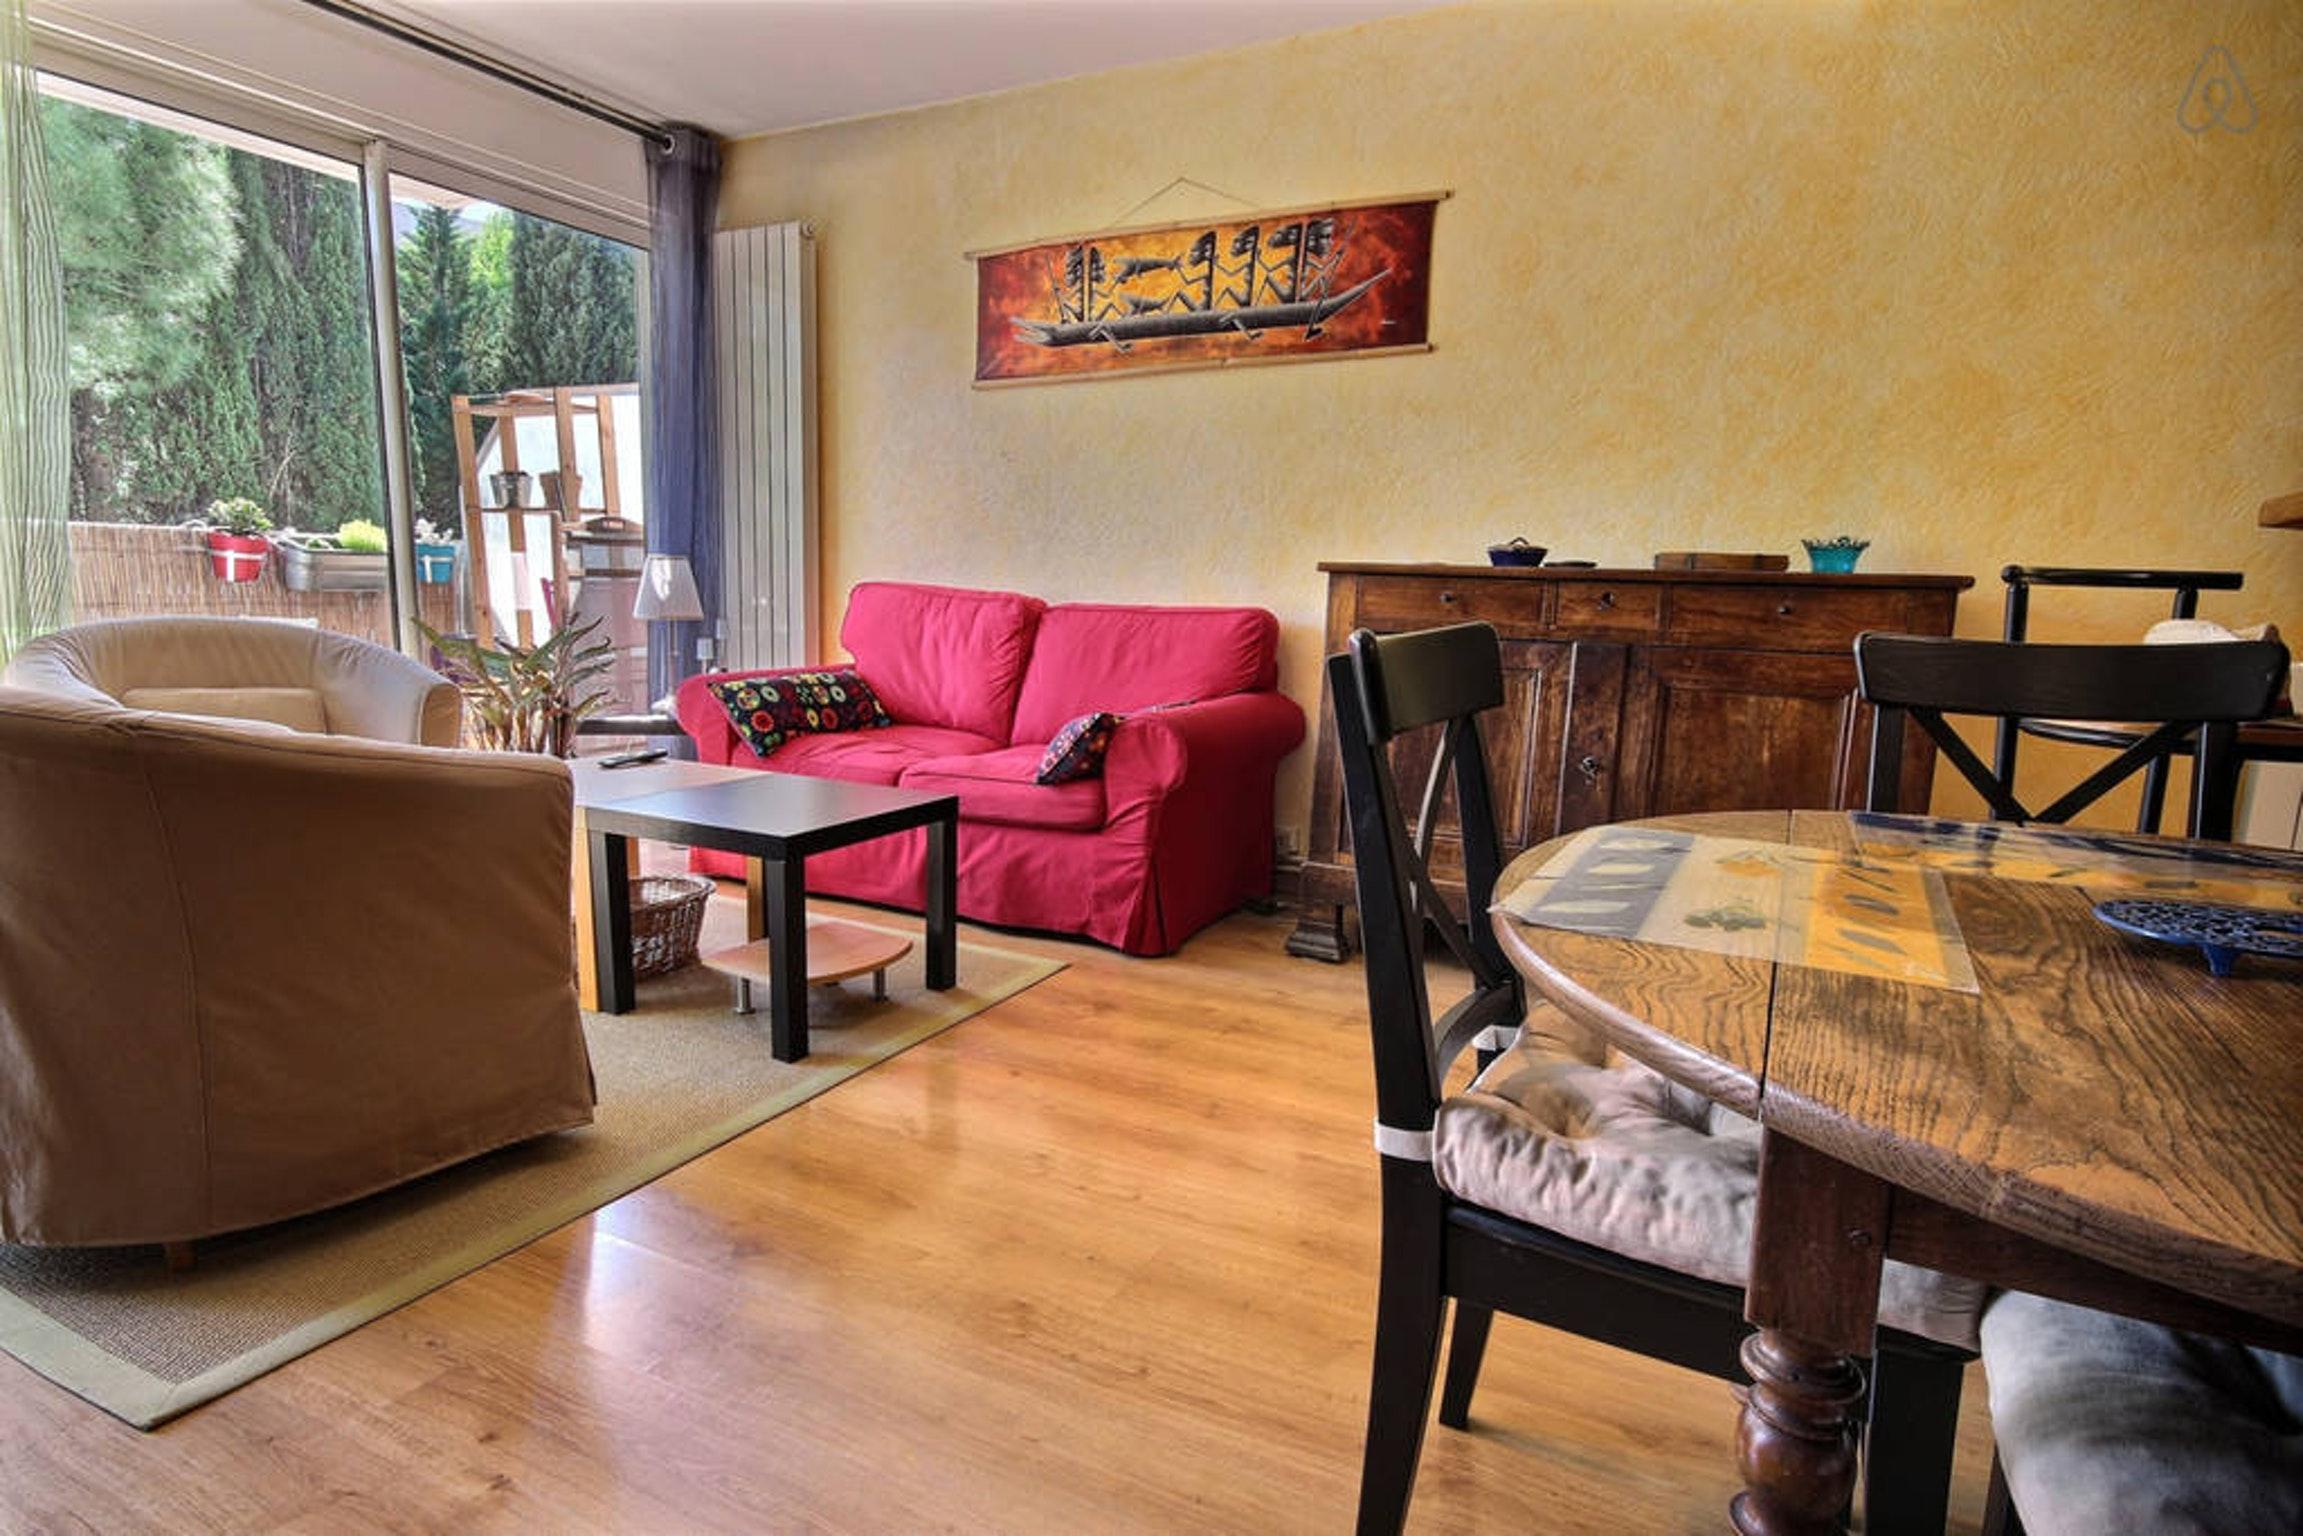 Ferienwohnung Wohnung mit 2 Zimmern in Montpellier mit möblierter Terrasse und W-LAN - 15 km vom Strand  (2351209), Montpellier, Mittelmeerküste Hérault, Languedoc-Roussillon, Frankreich, Bild 3